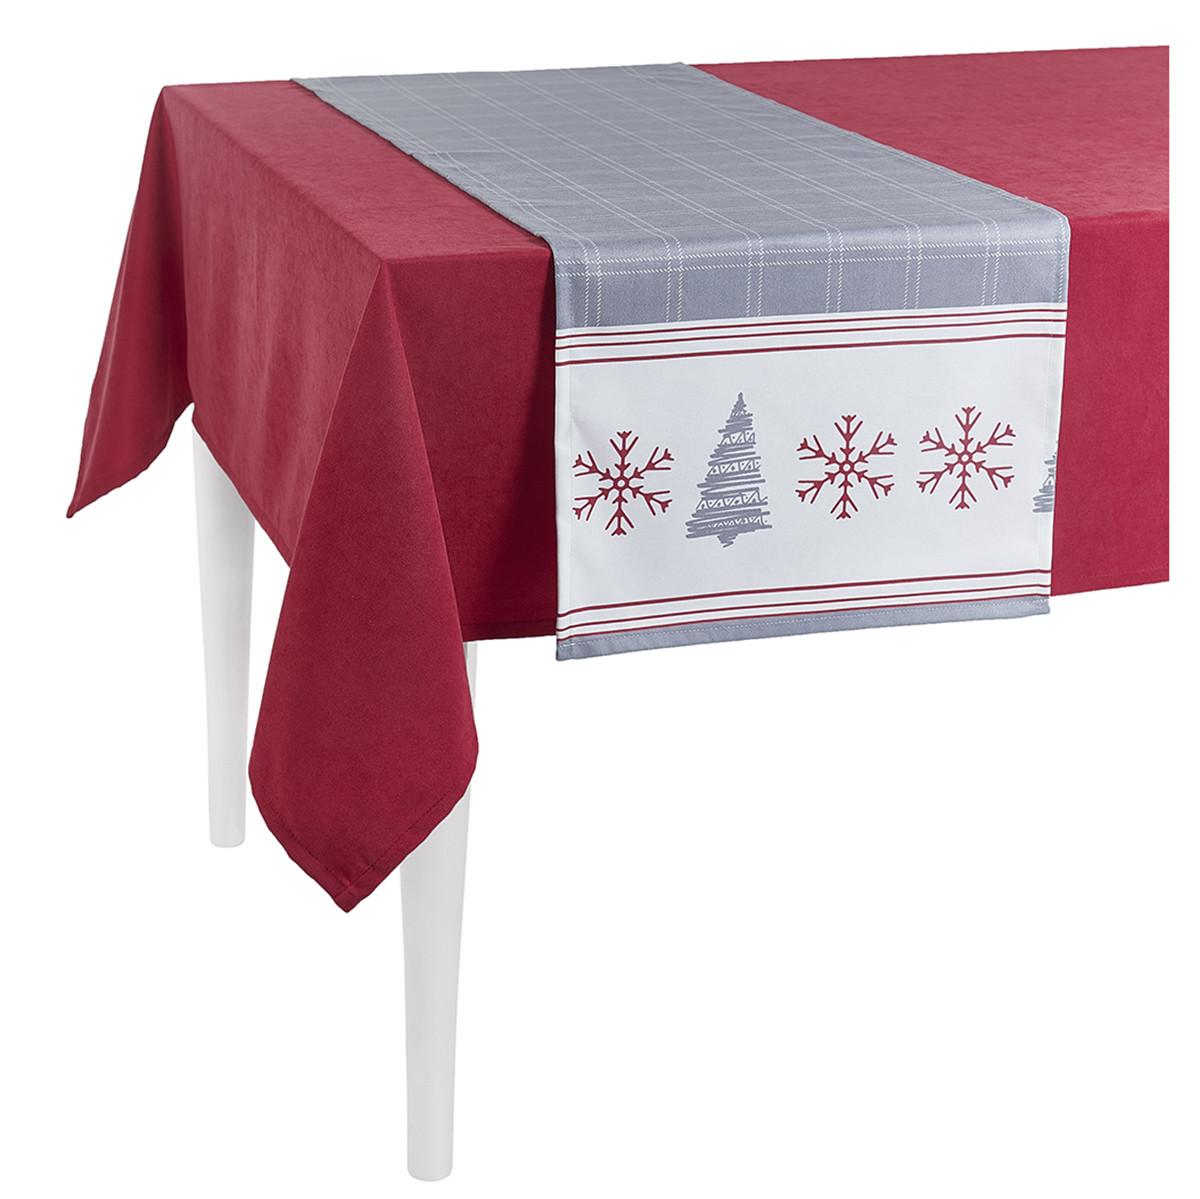 Χριστουγεννιάτικη Τραβέρσα Apolena Tree Grey 715-5595/1 home   χριστουγεννιάτικα   χριστουγεννιάτικες τραβέρσες